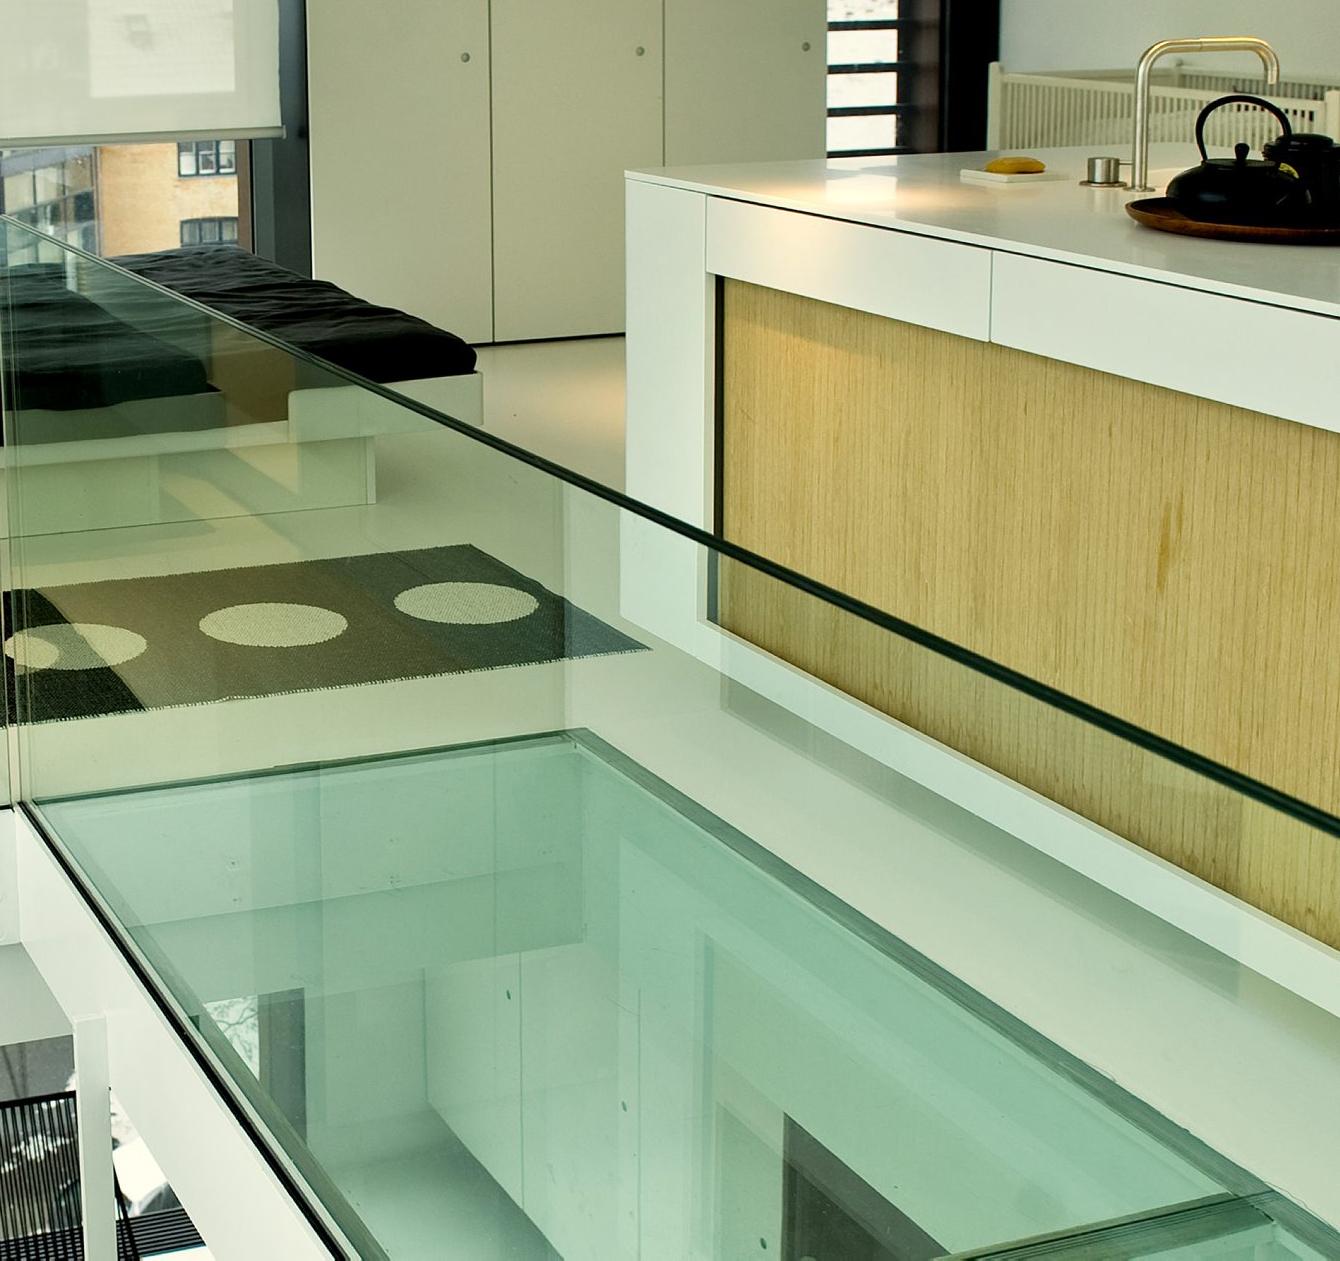 Триплекс стекло очень крепкое, поэтому нашло применение в отделке потолка